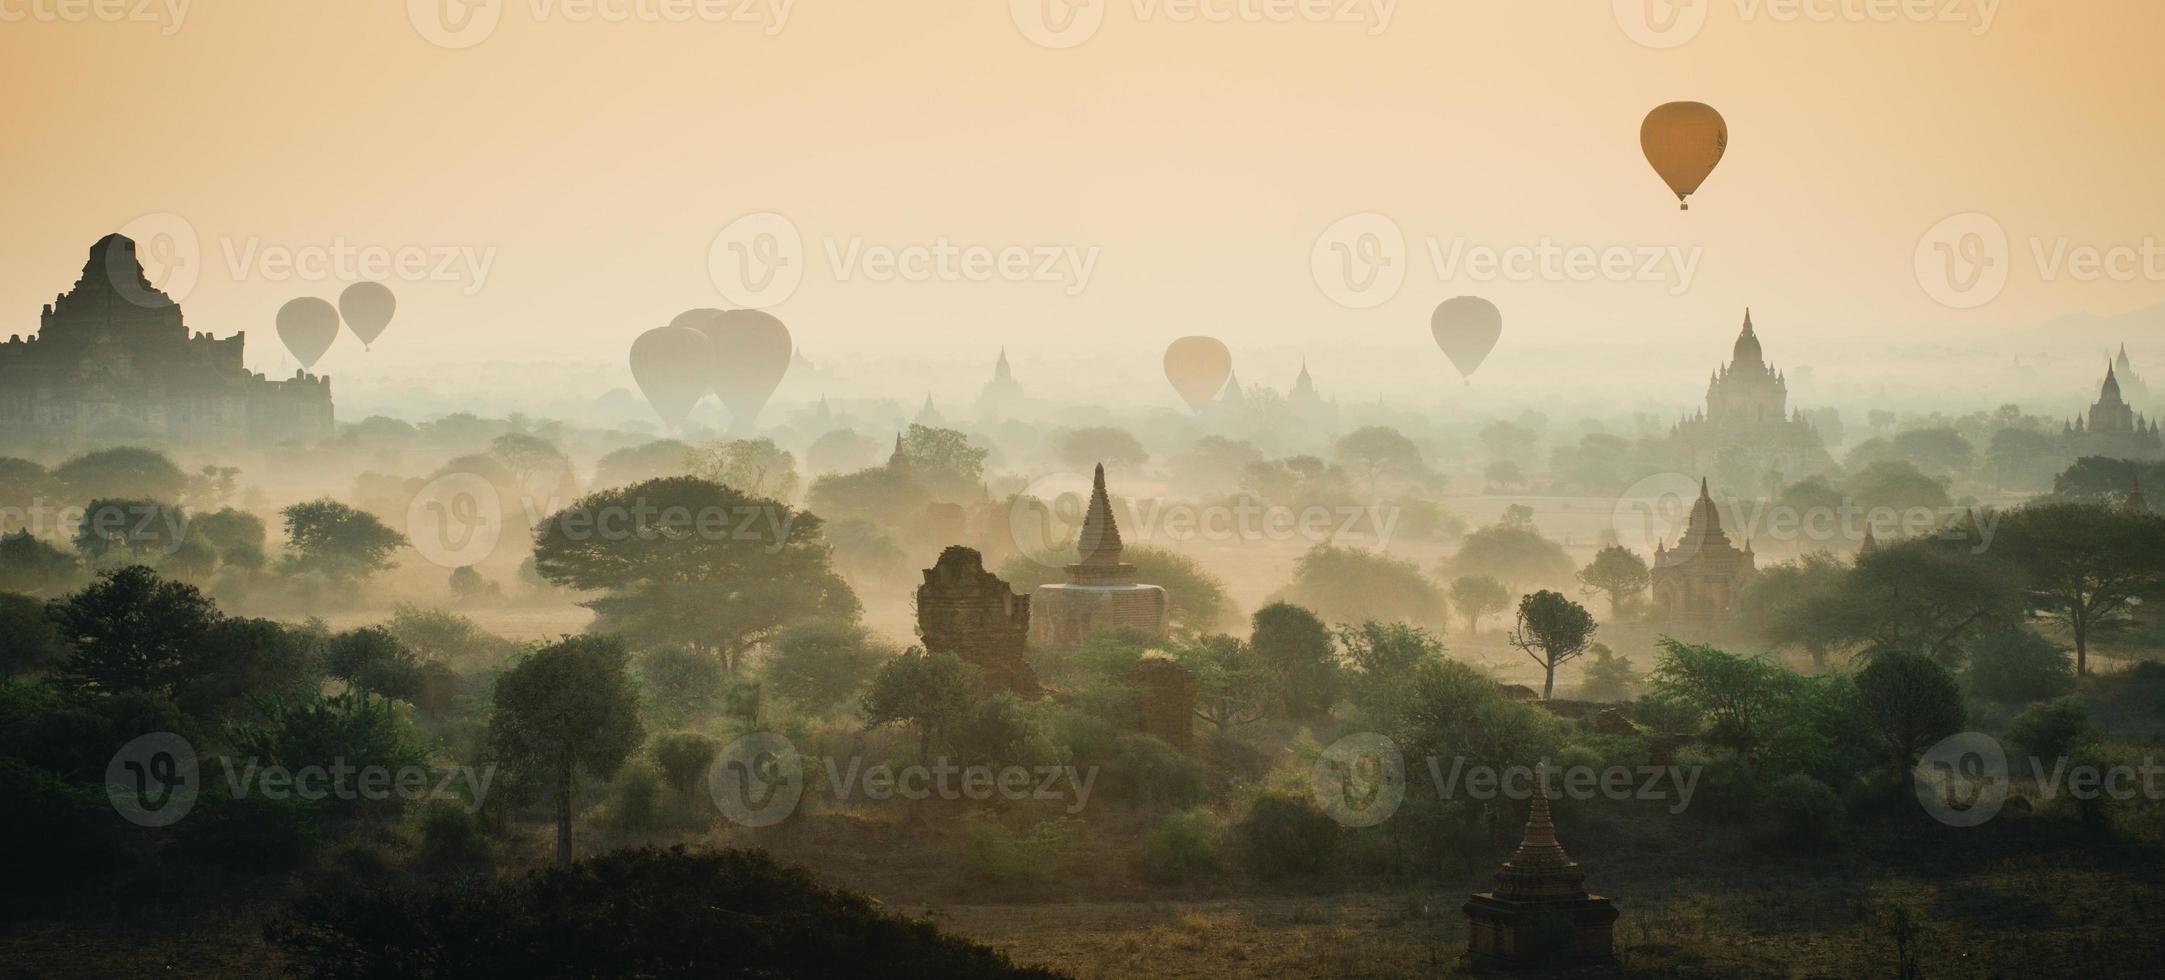 Sonnenaufgang in Bagan, Myanmar foto